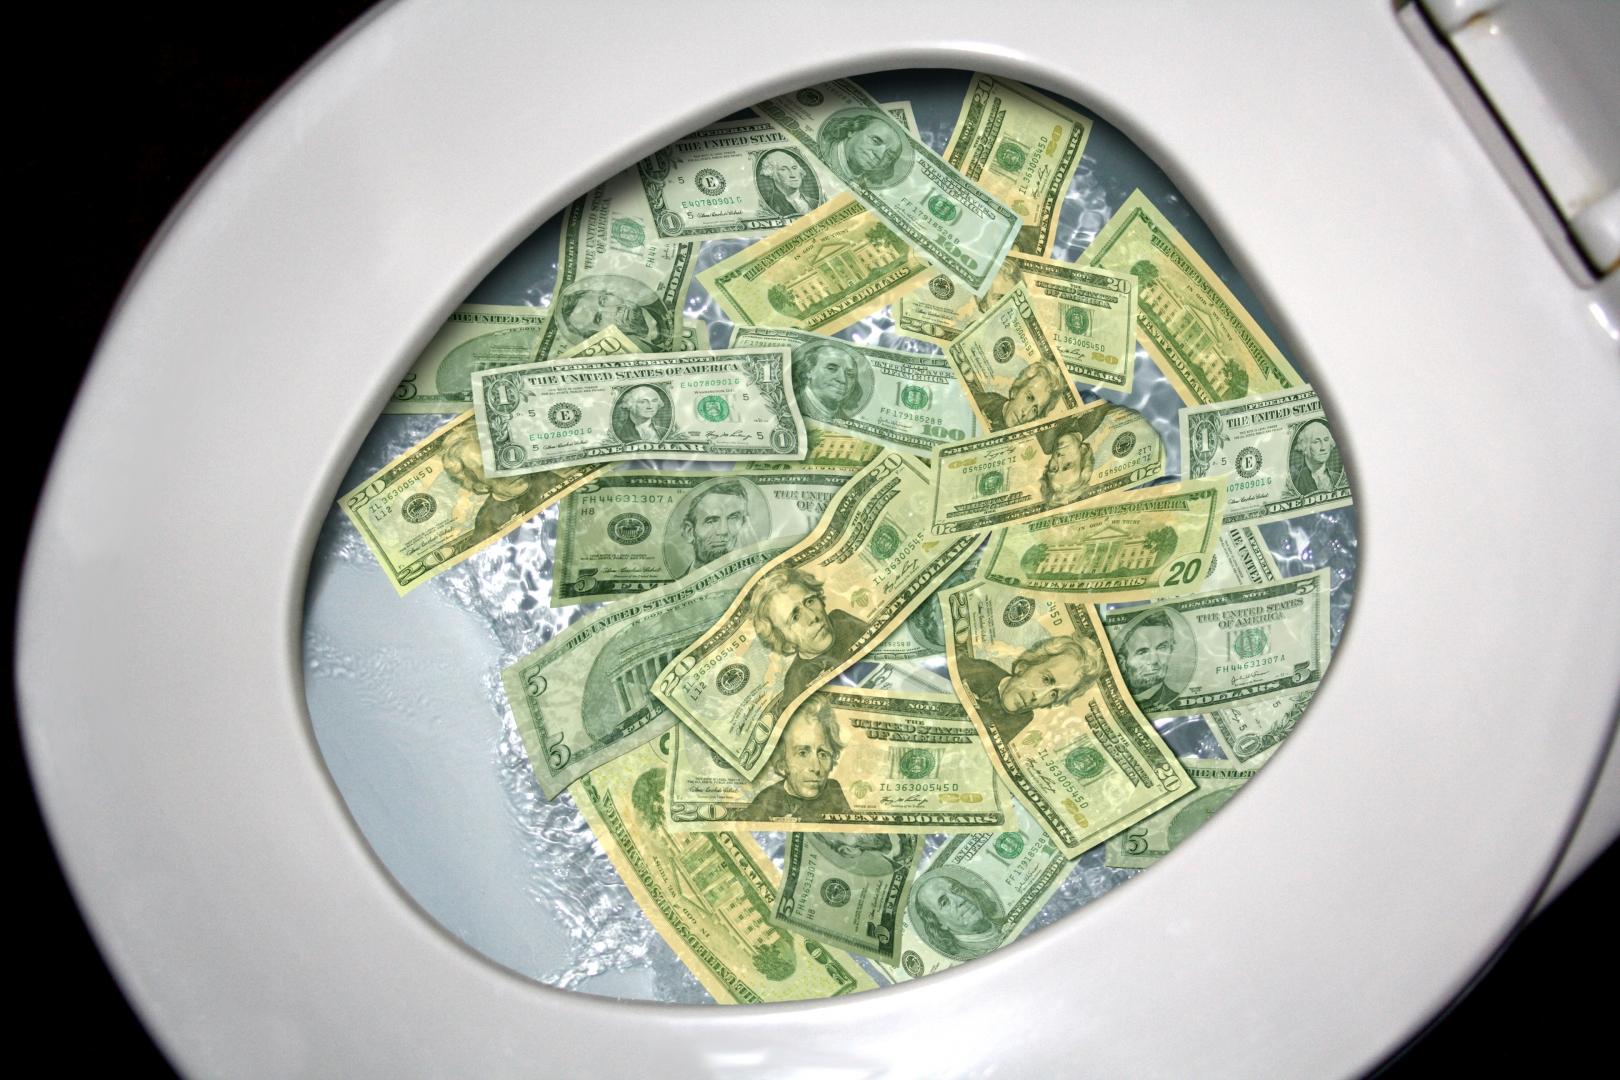 Сантехник Ющенко чистит унитазы на Банковой от старых купюр. Как издеваются над нами первые лица государства